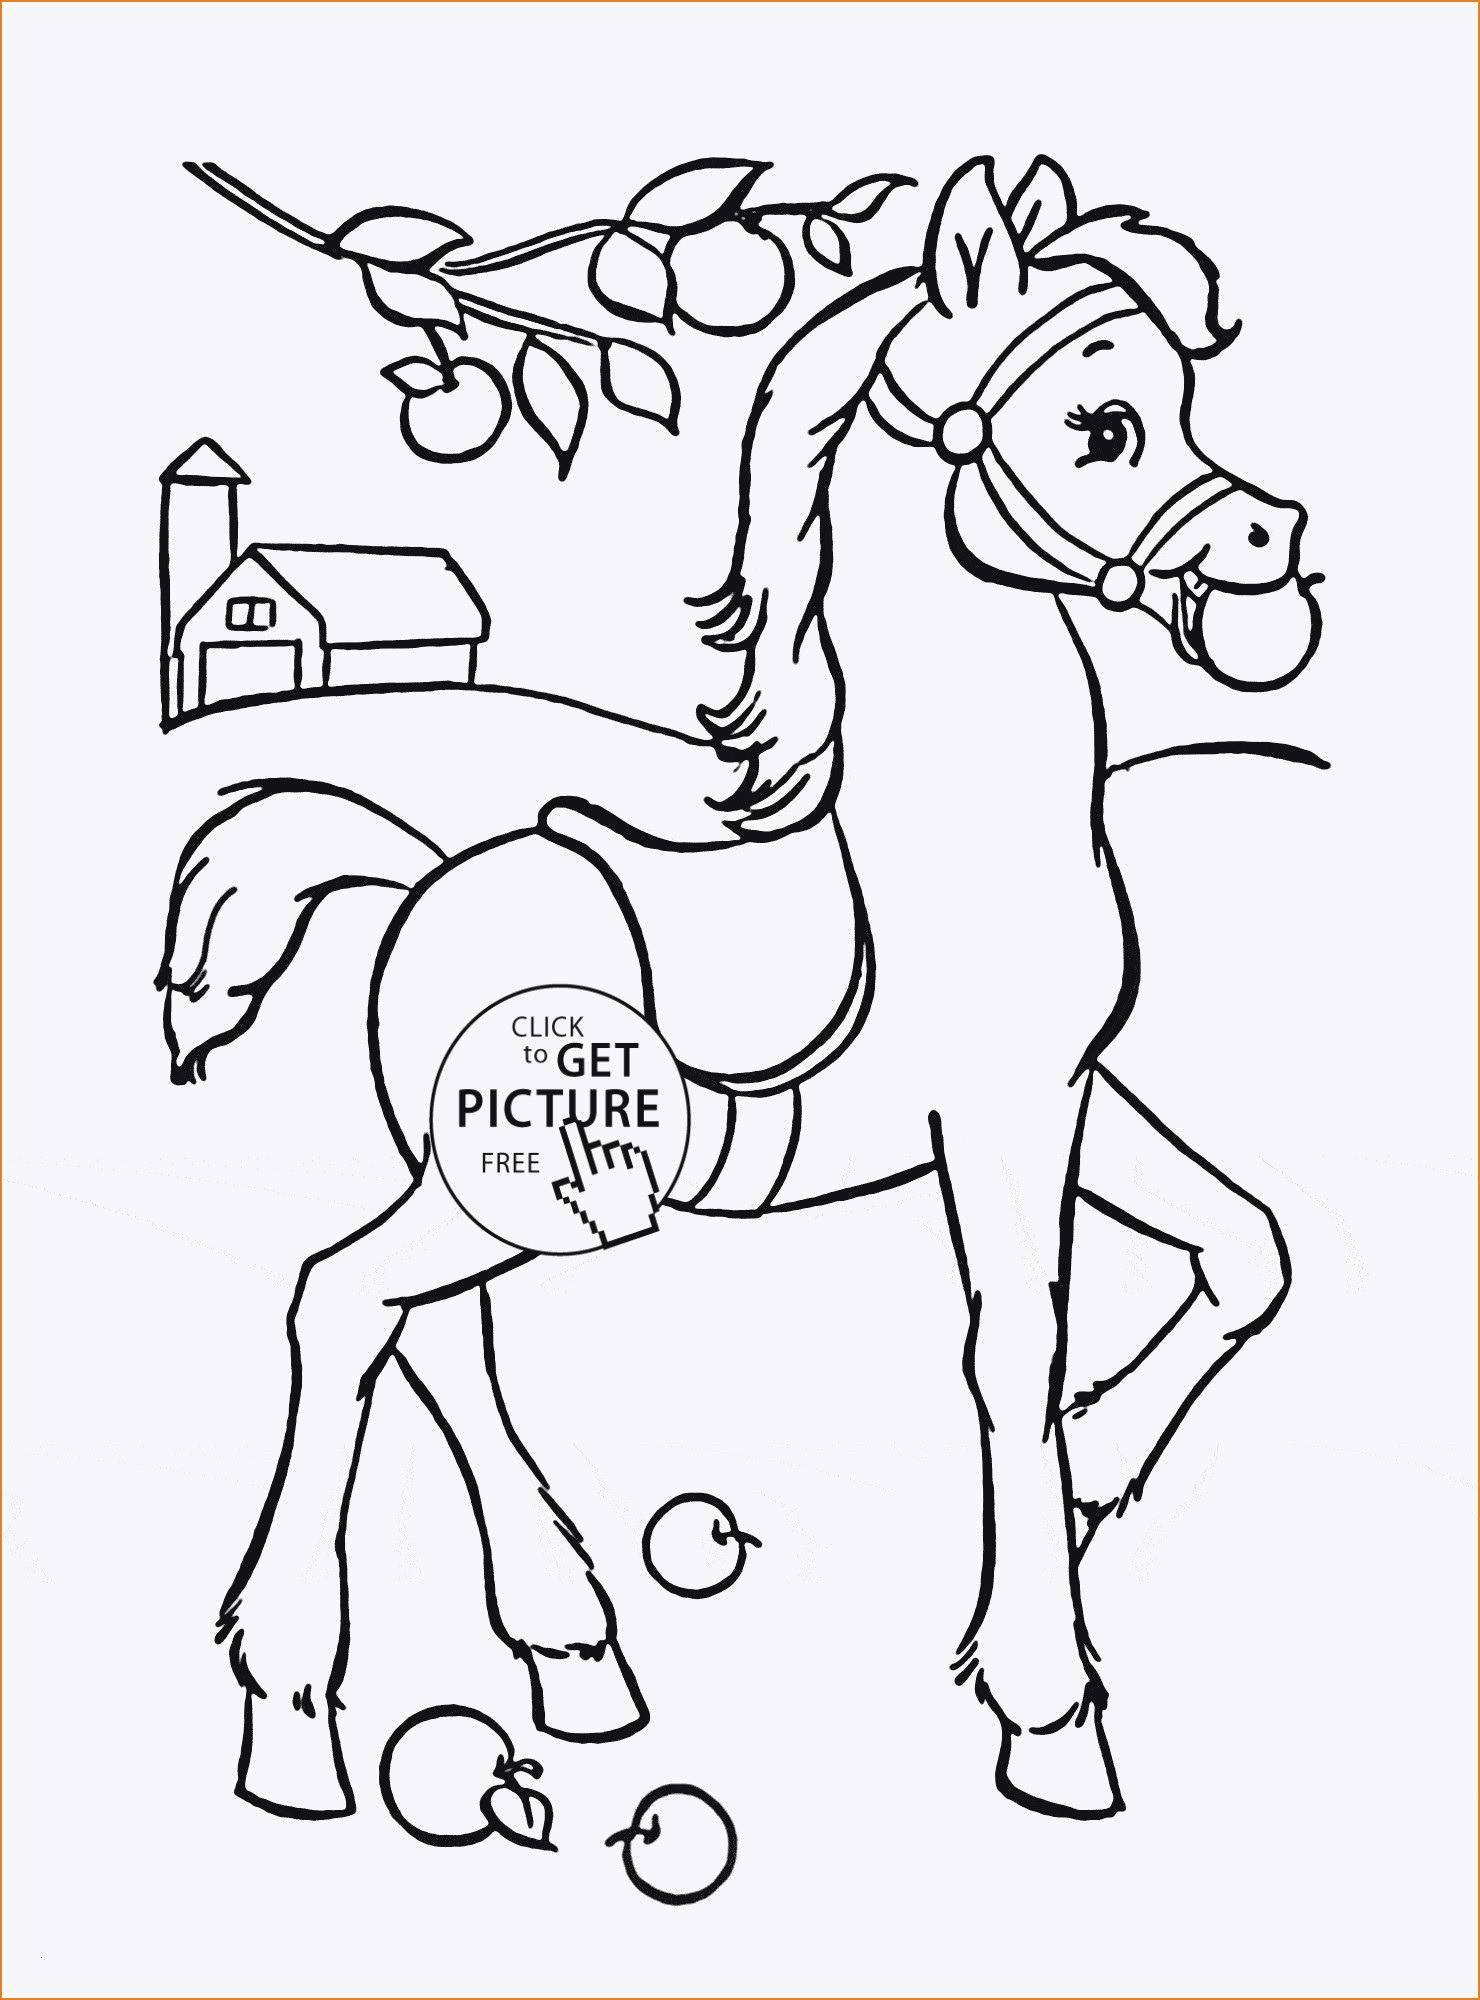 Ausmalbilder Pferde Mit Fohlen Inspirierend Pferde Bilder Zum Ausmalen Frisch 37 Ausmalbilder Pferd Mit Fohlen Das Bild